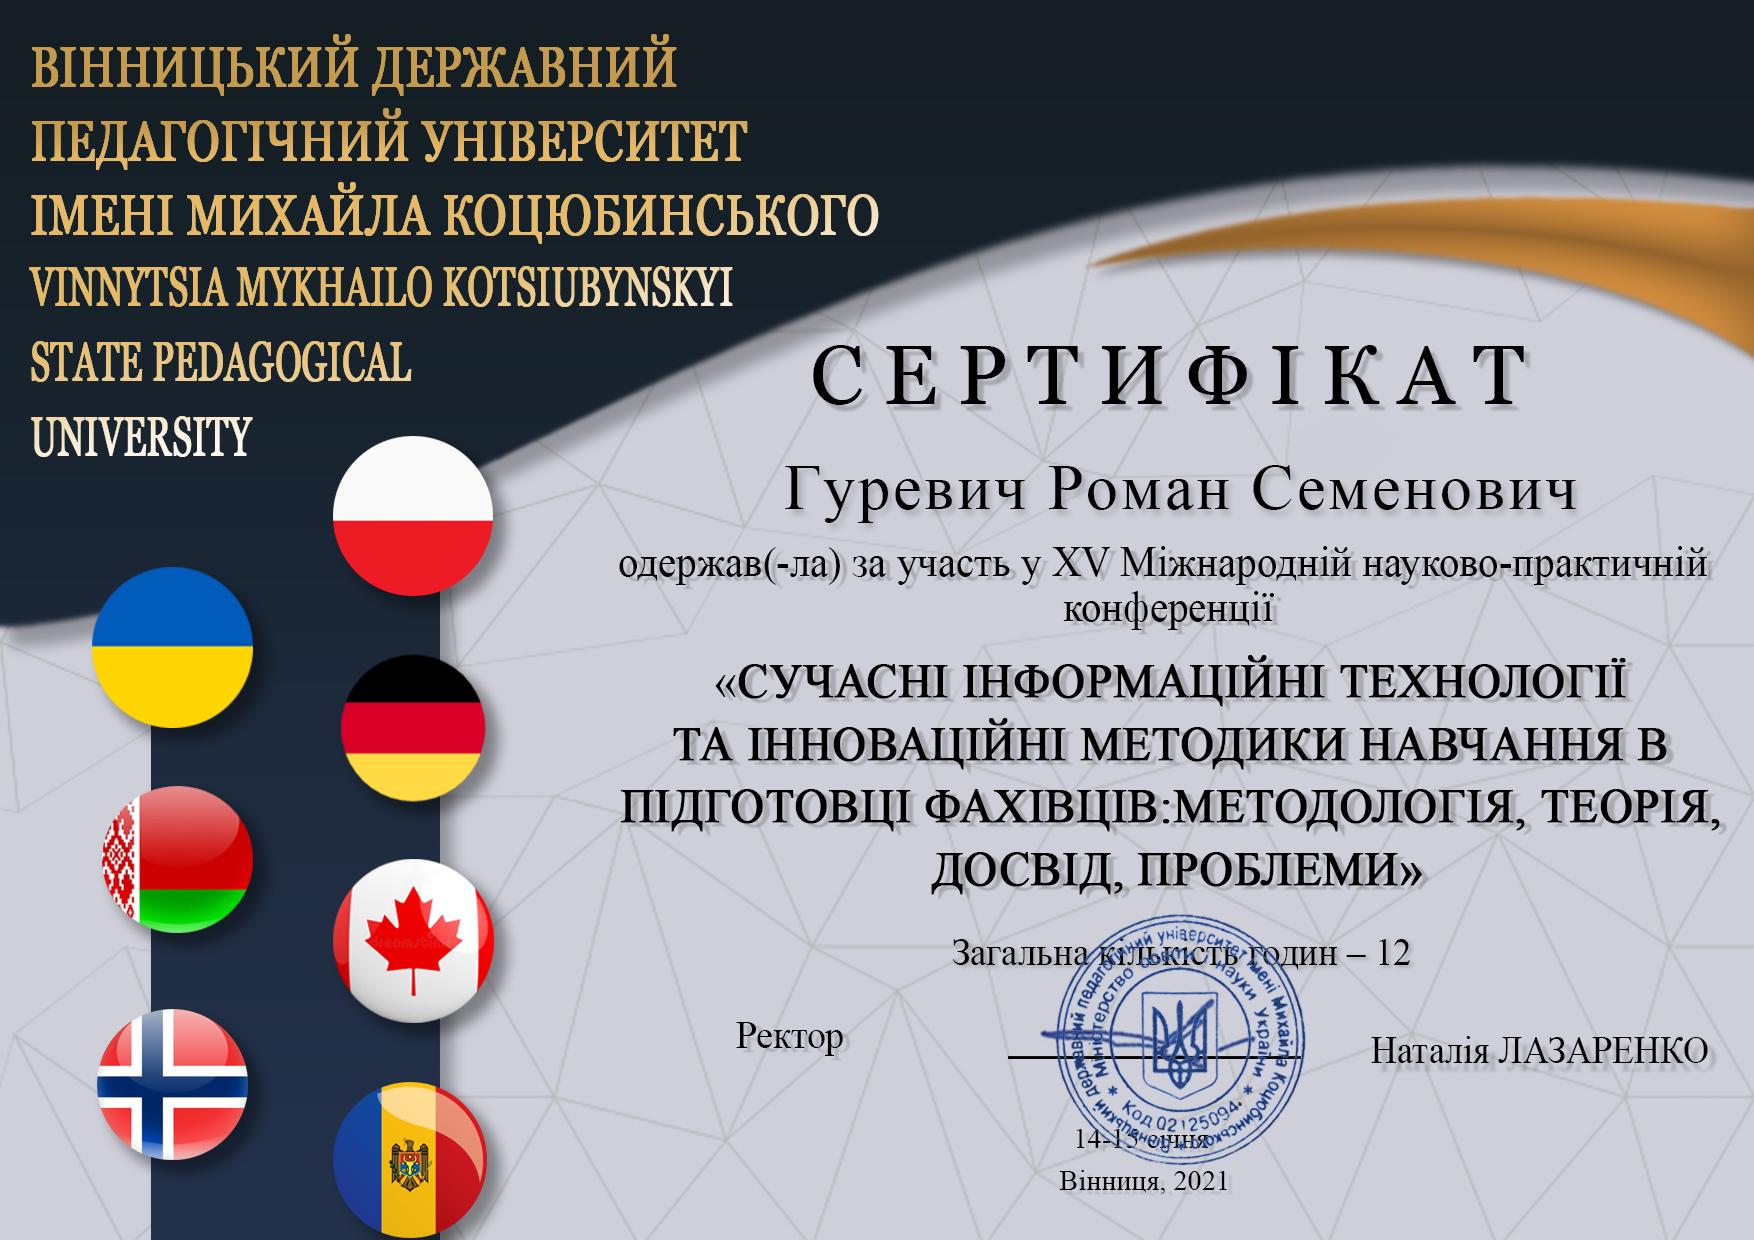 Гуревич Роман Семенович